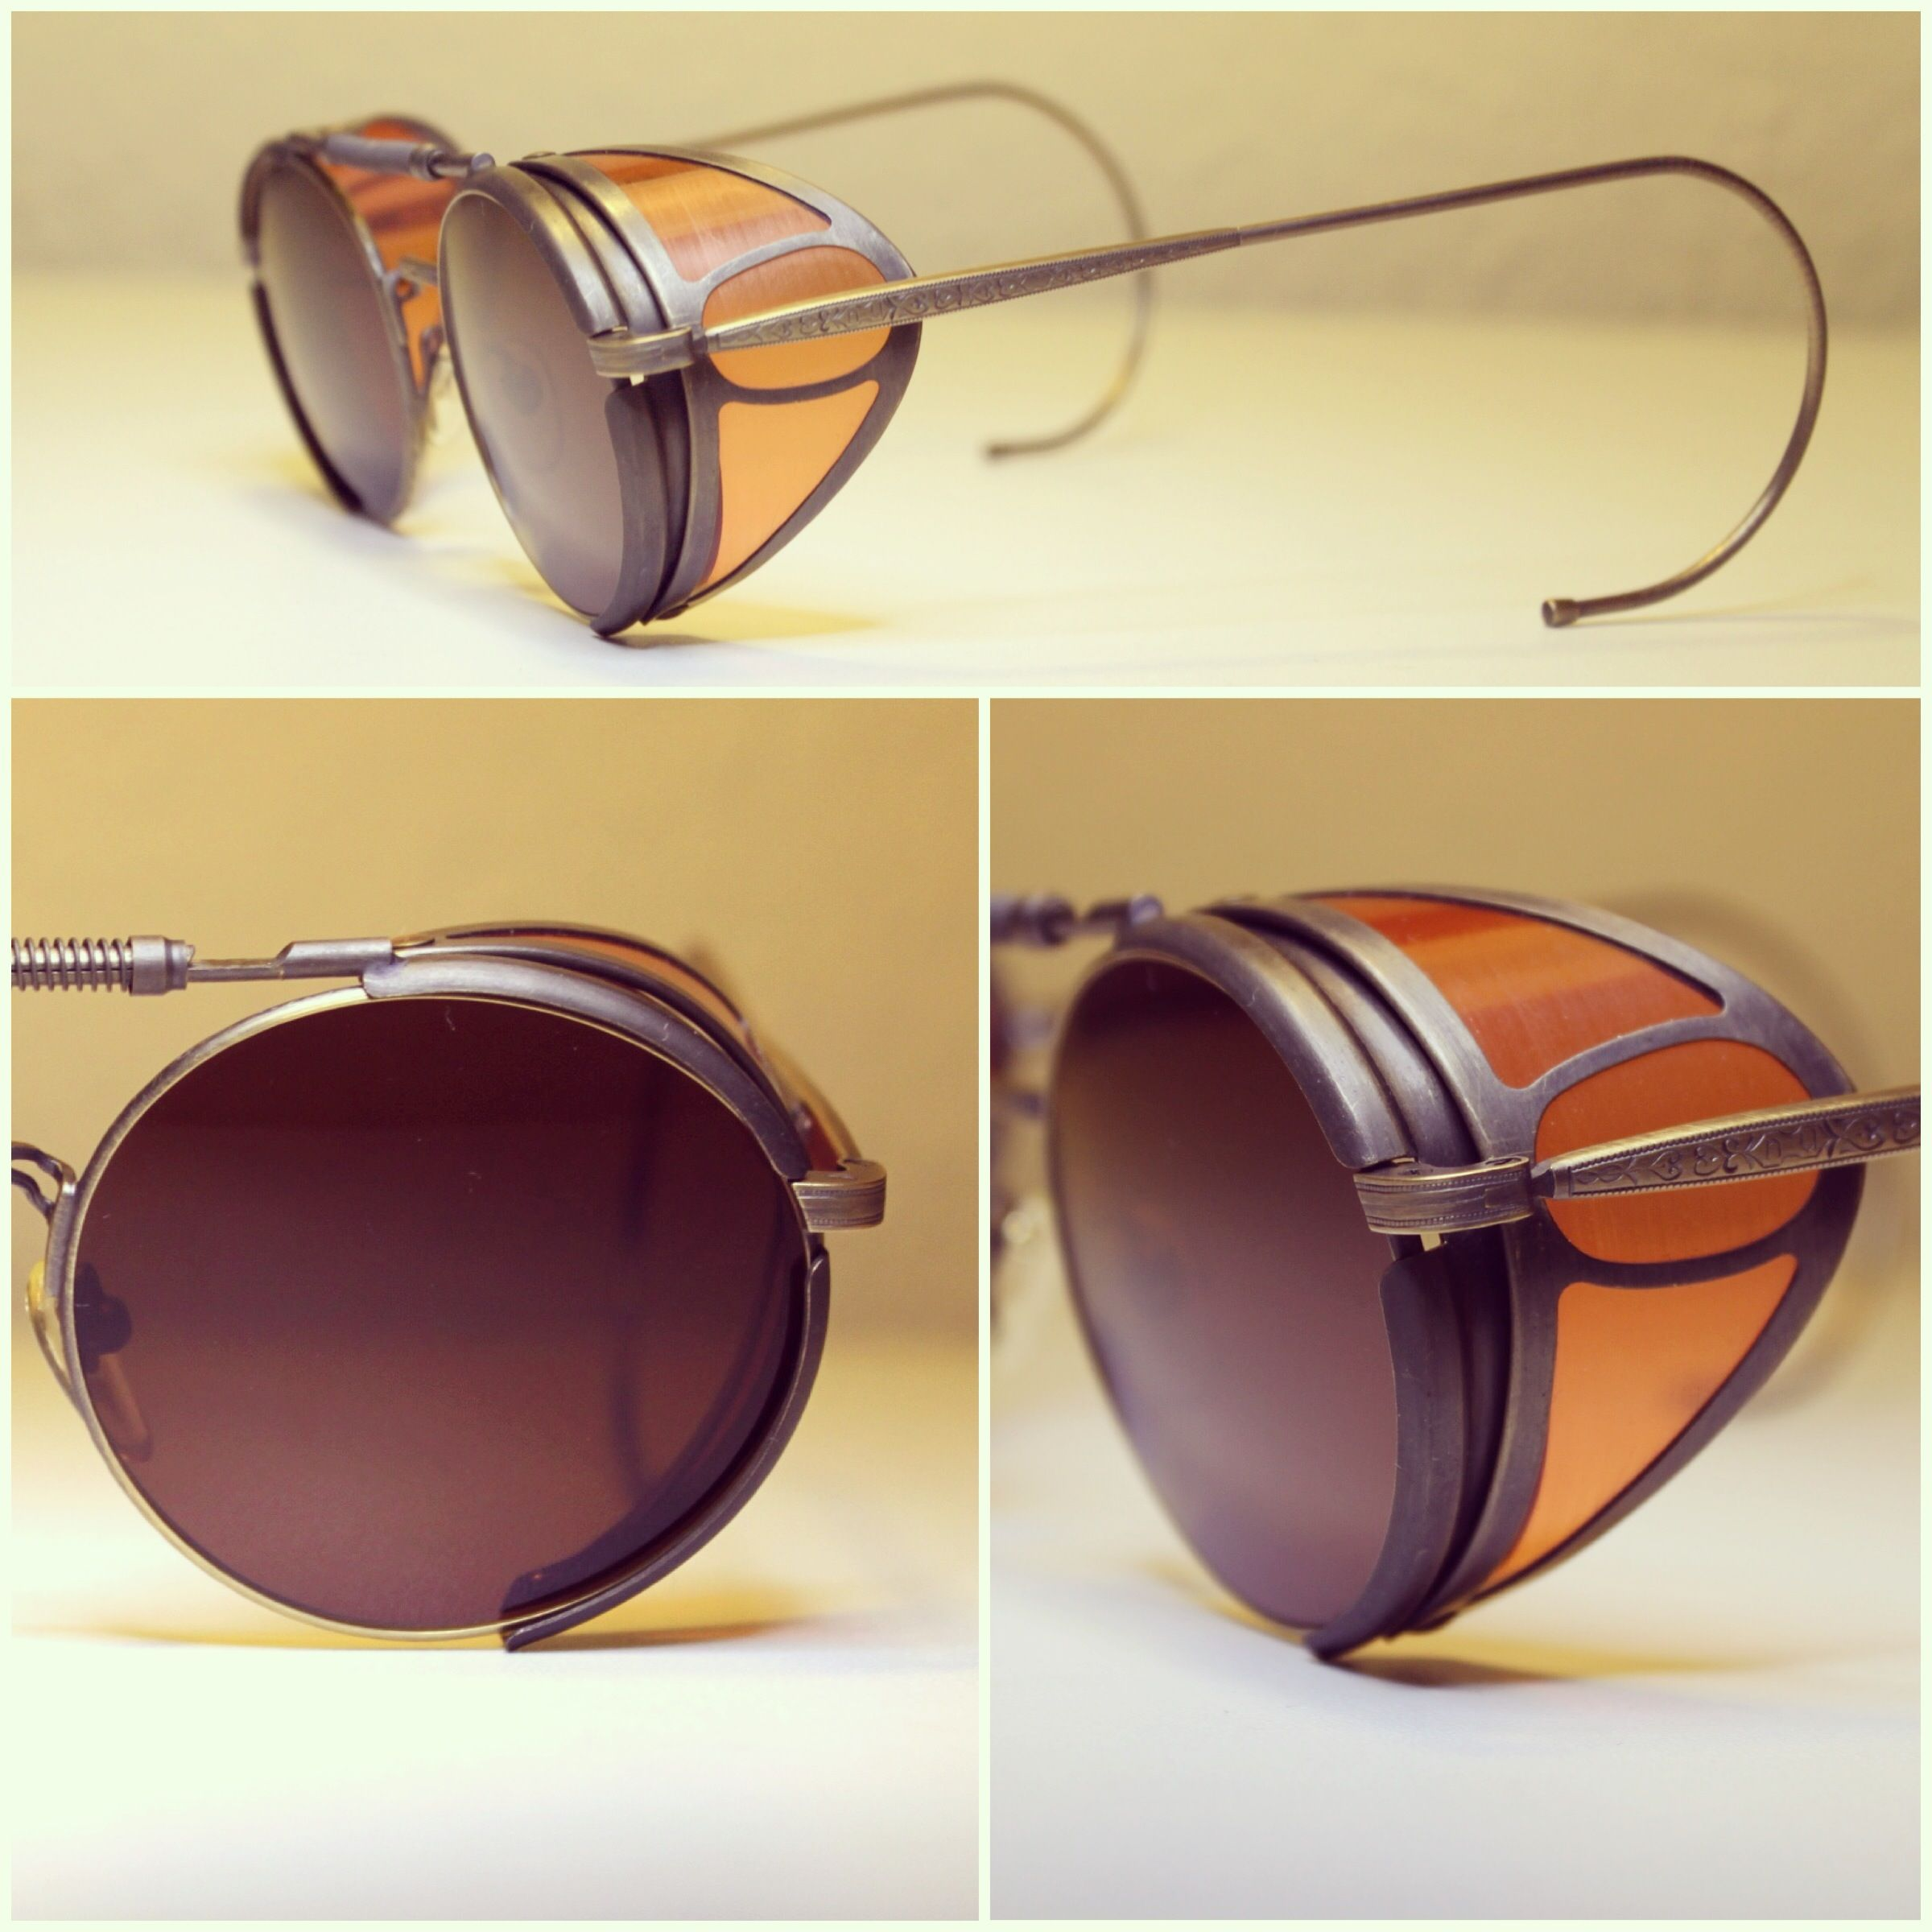 bb2568b54d490b Vintage Matsuda Sunglasses Terminator 2 Sarah Conner Steampunk Lunette Retro,  Lunettes De Soleil, Accoutrement